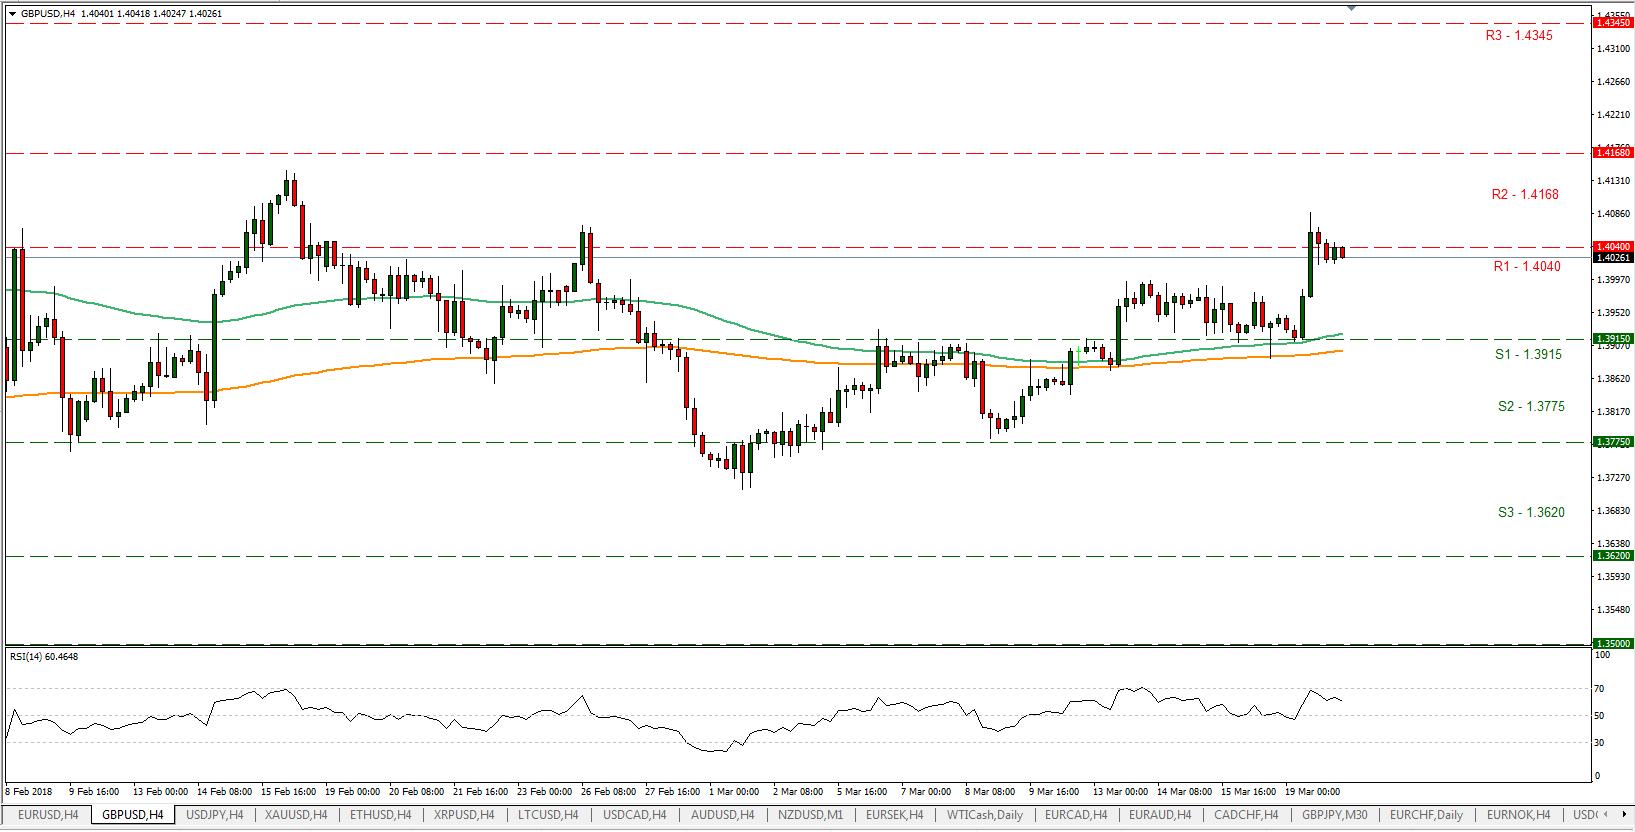 GBP/USD 20/03/2018 | EconAlerts